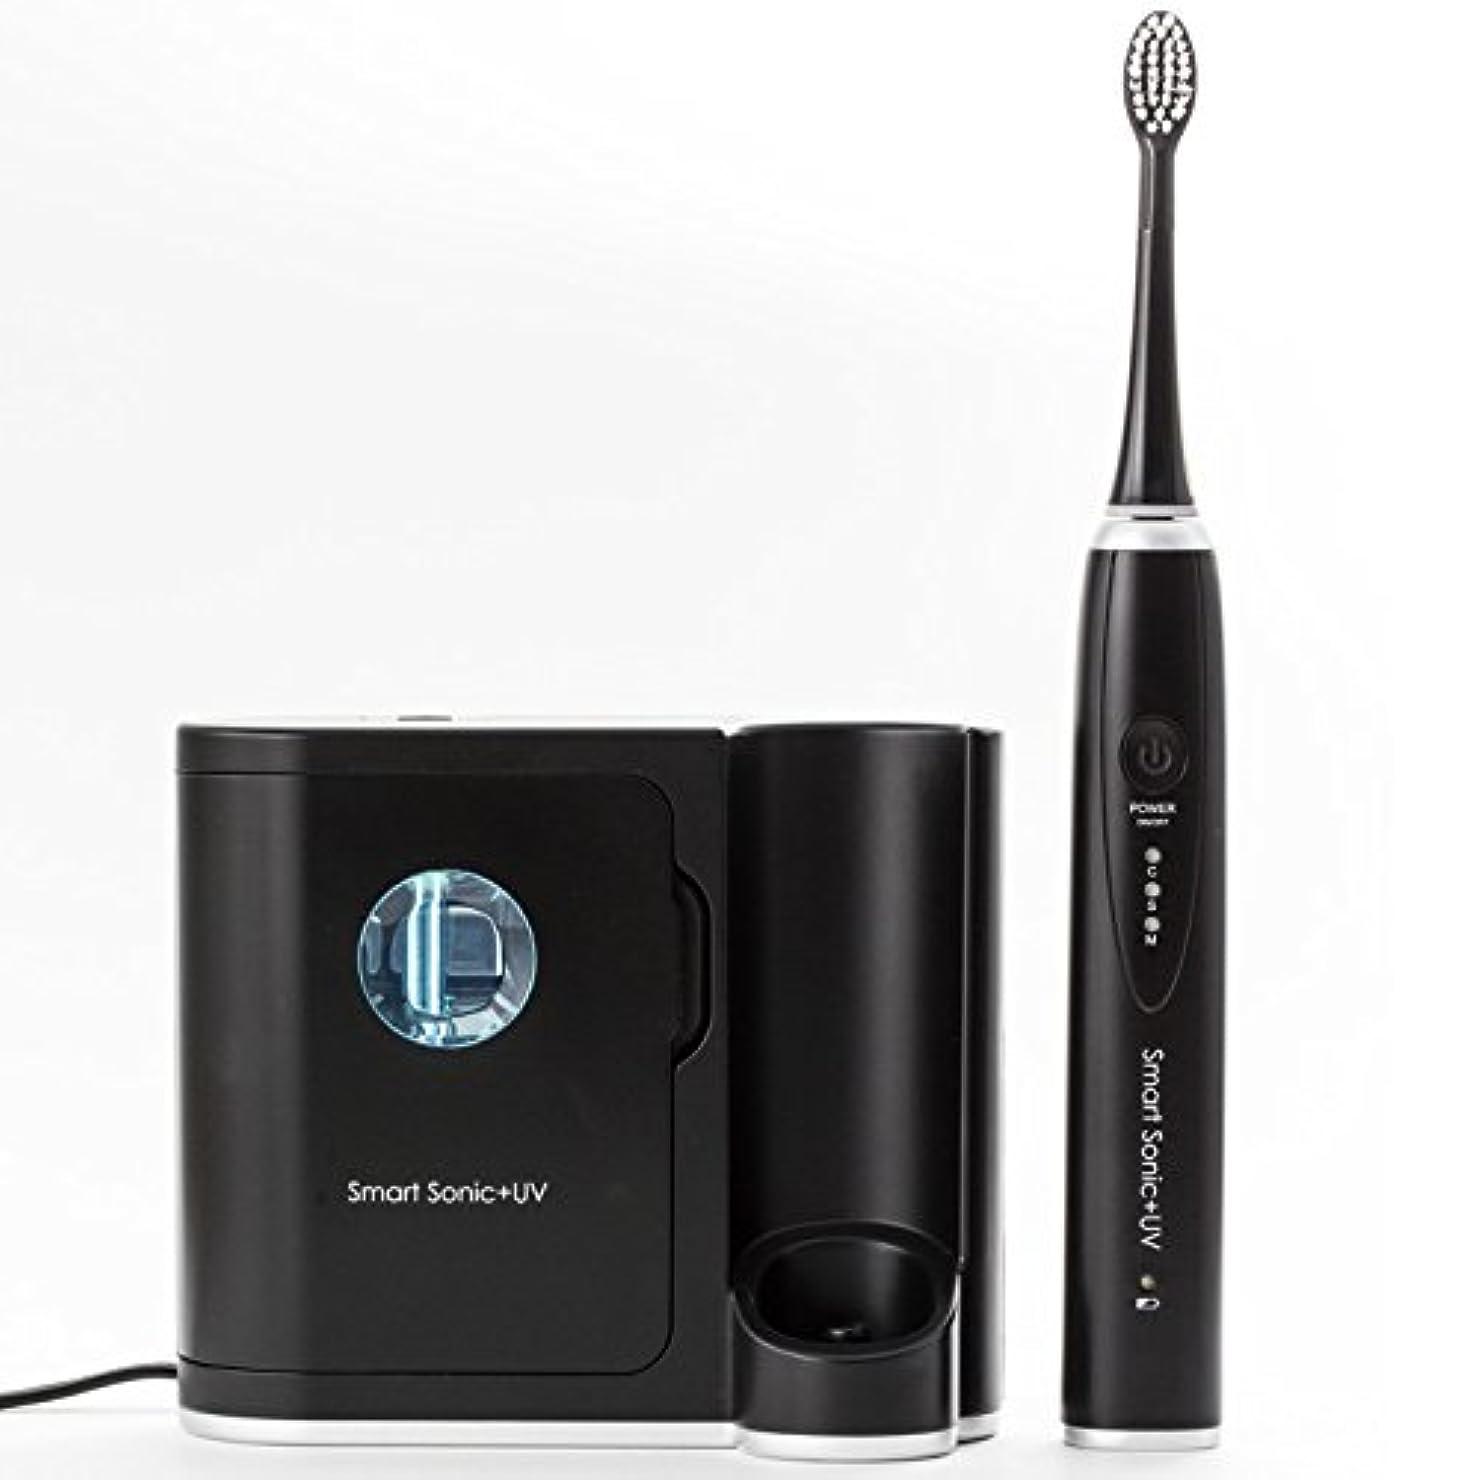 薬を飲む冷凍庫角度音波歯ブラシ UV 紫外線除菌 歯ブラシ 殺菌機能付き 電動歯ブラシ スマートソニック プラス UV Smart Sonic UV